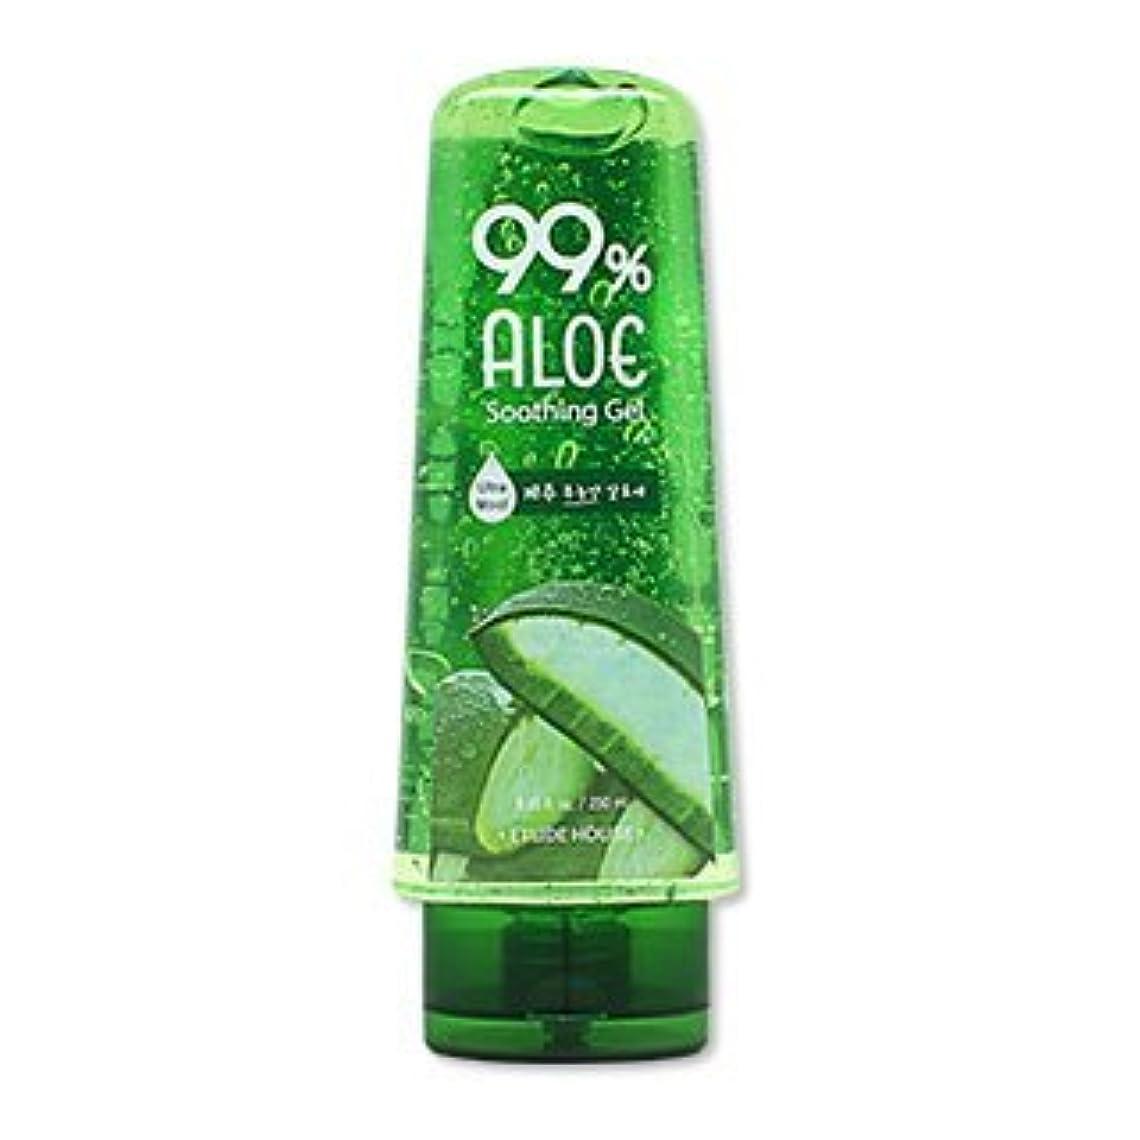 整然とした医師靴ETUDE HOUSE 99% Aloe Soothing Gel 250ml/エチュードハウス 99% アロエ スージング ジェル 250ml